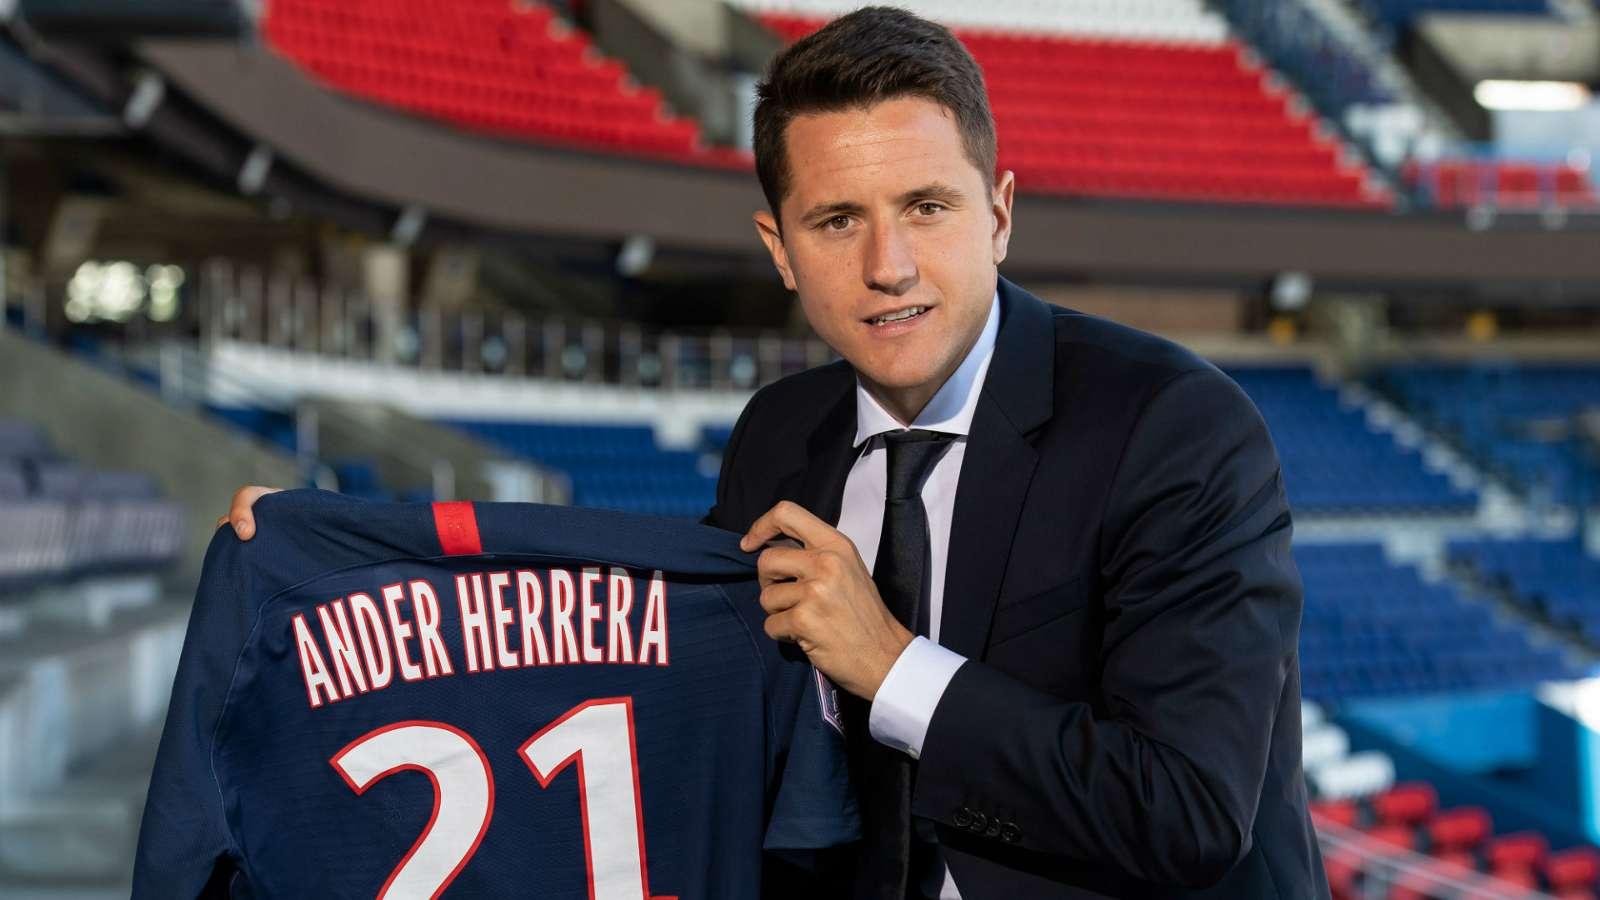 Bukan Athletic Bilbao, Ander Herrera Ungkap Klub Yang Jadi Impiannya Untuk Pensiun